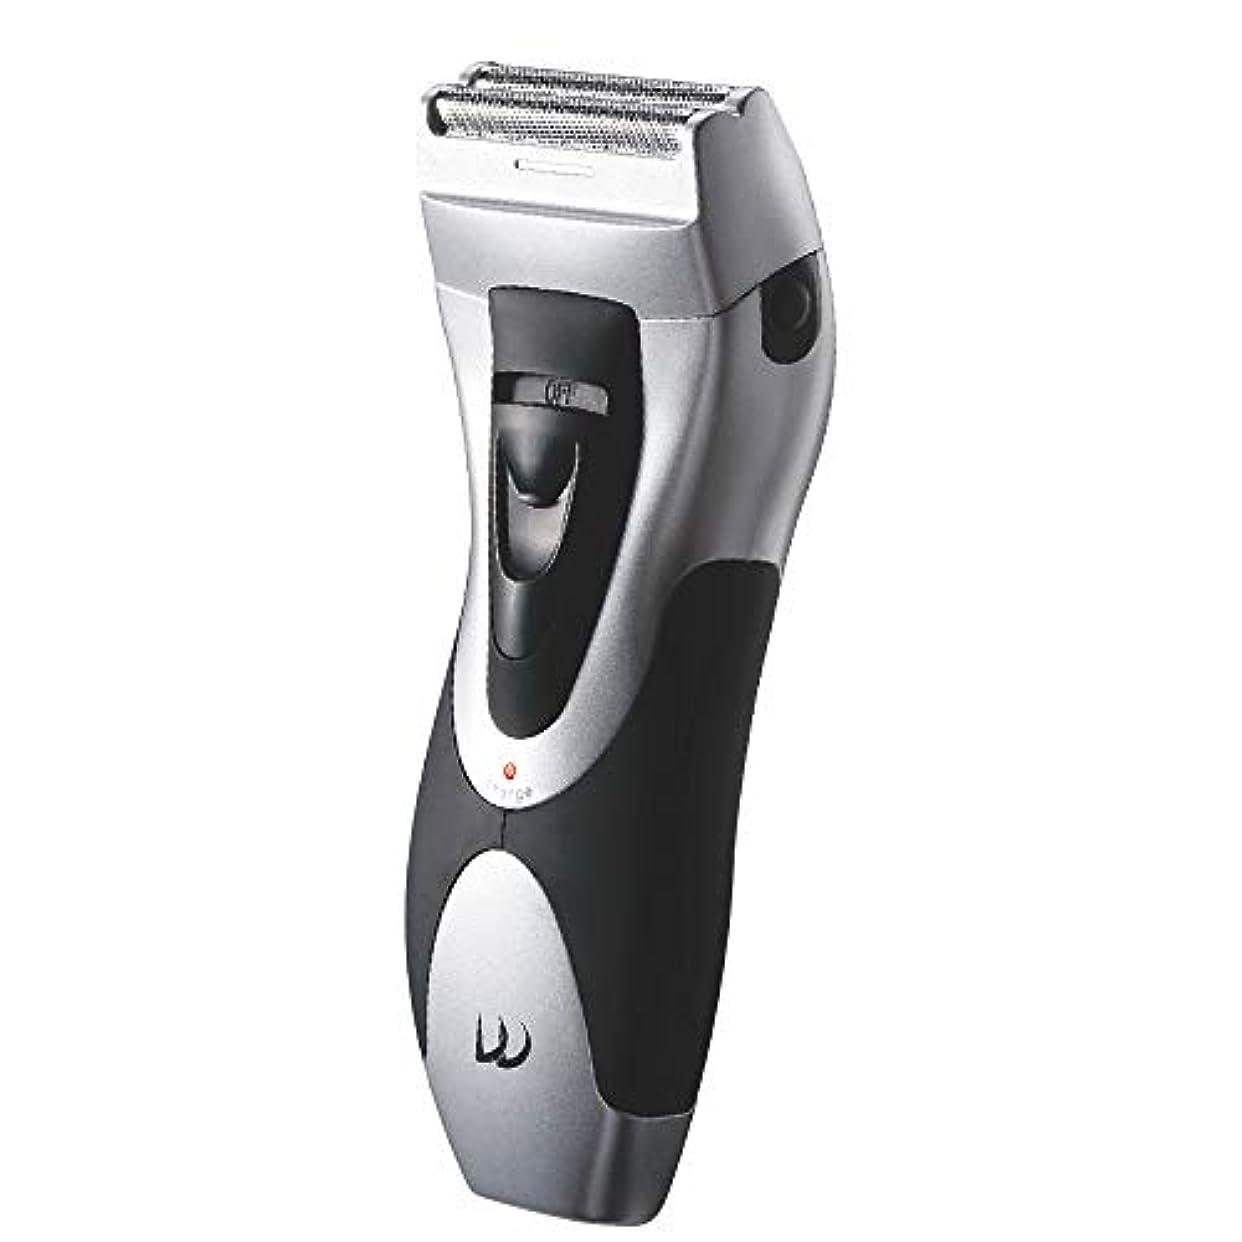 びん保険弾薬充電式 Wシェーバー 水洗いOK! 肌に優しい二枚刃 髭剃り ヒゲ剃り お風呂メンズ